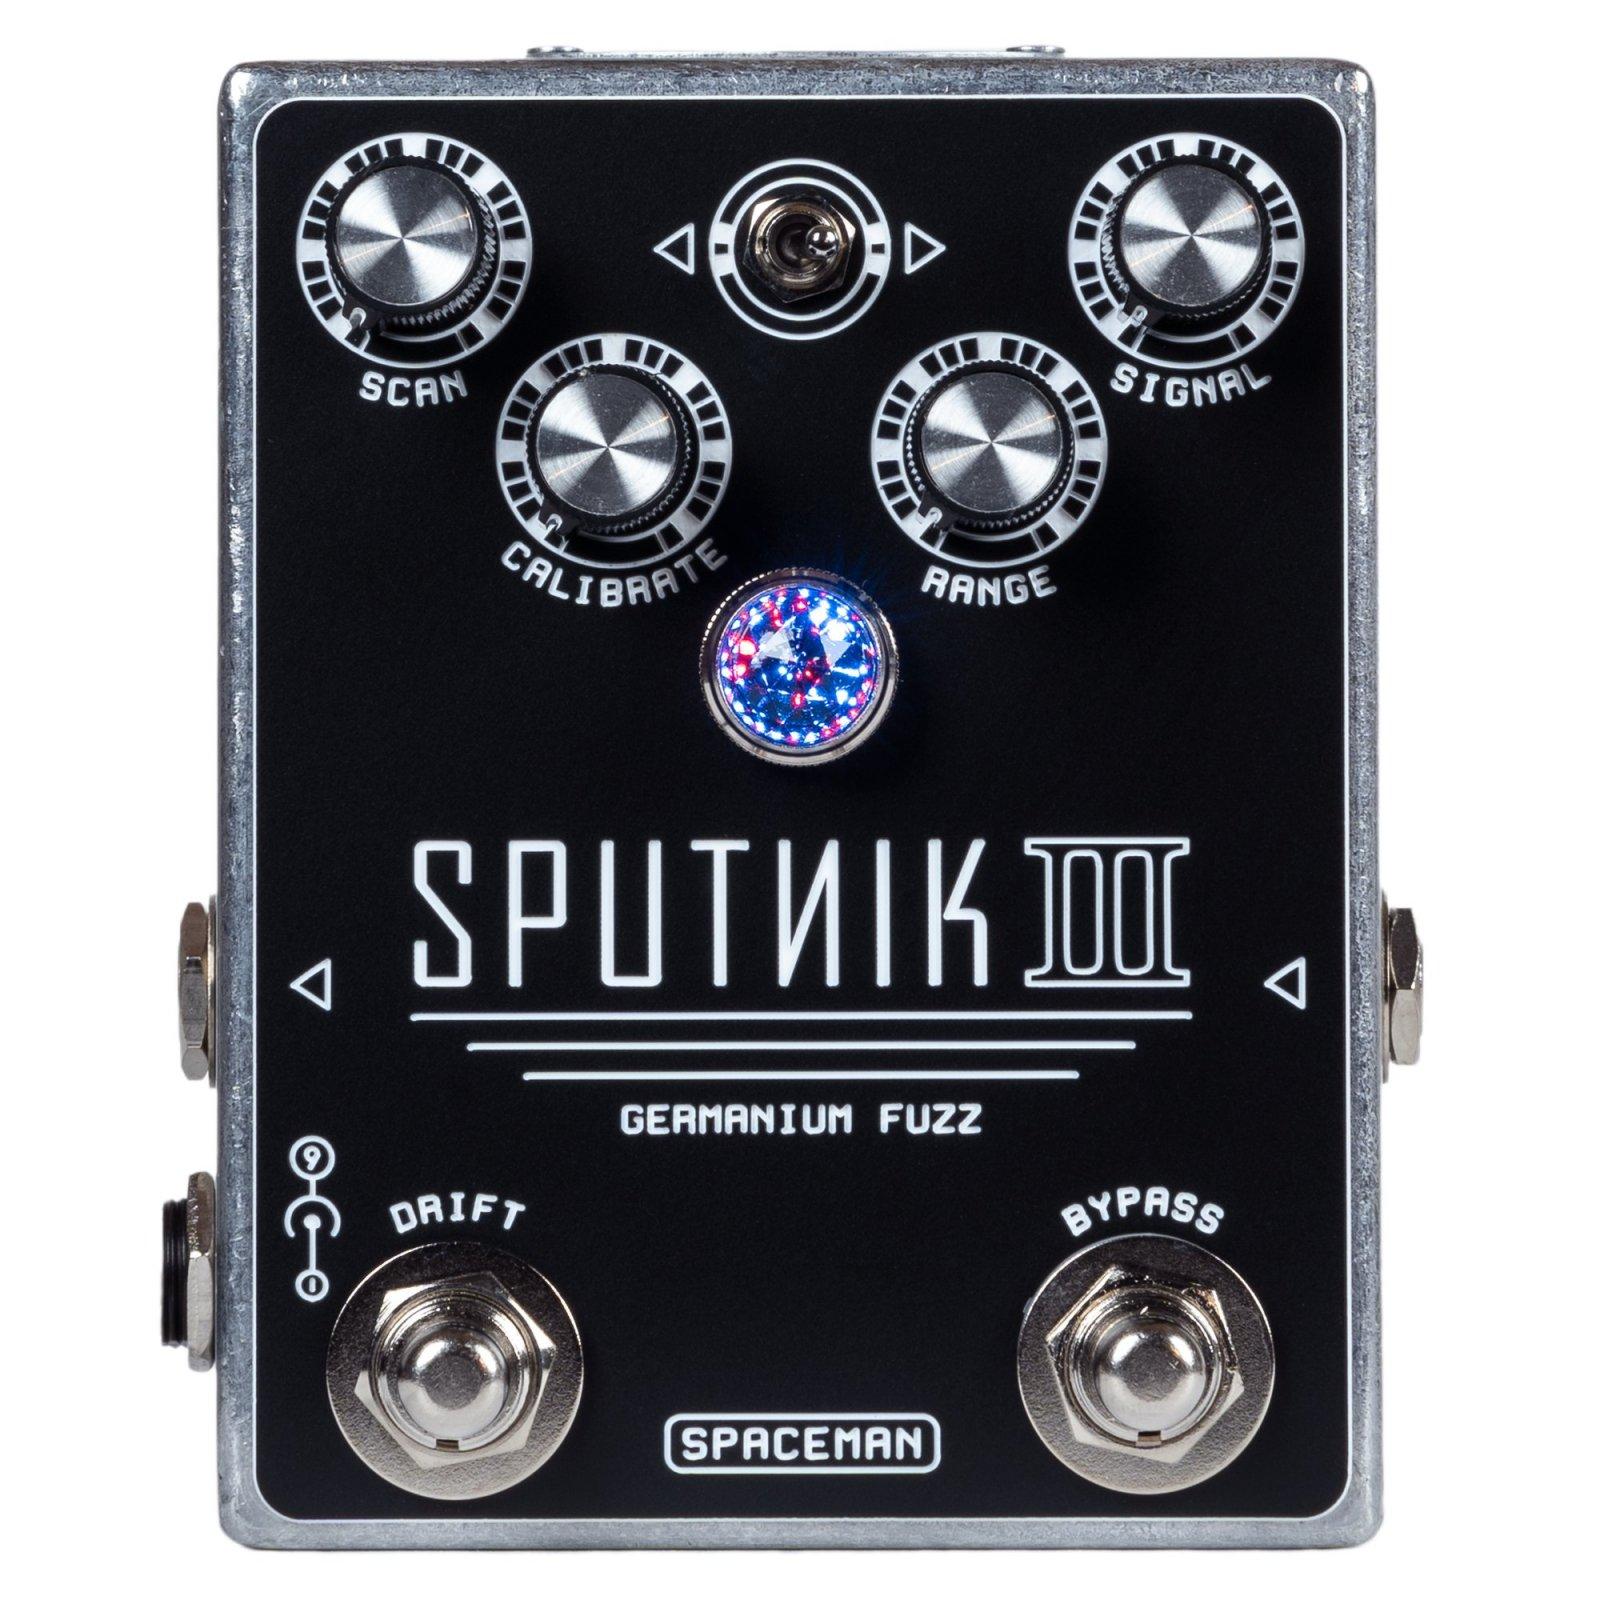 Spaceman Effects Sputnik III